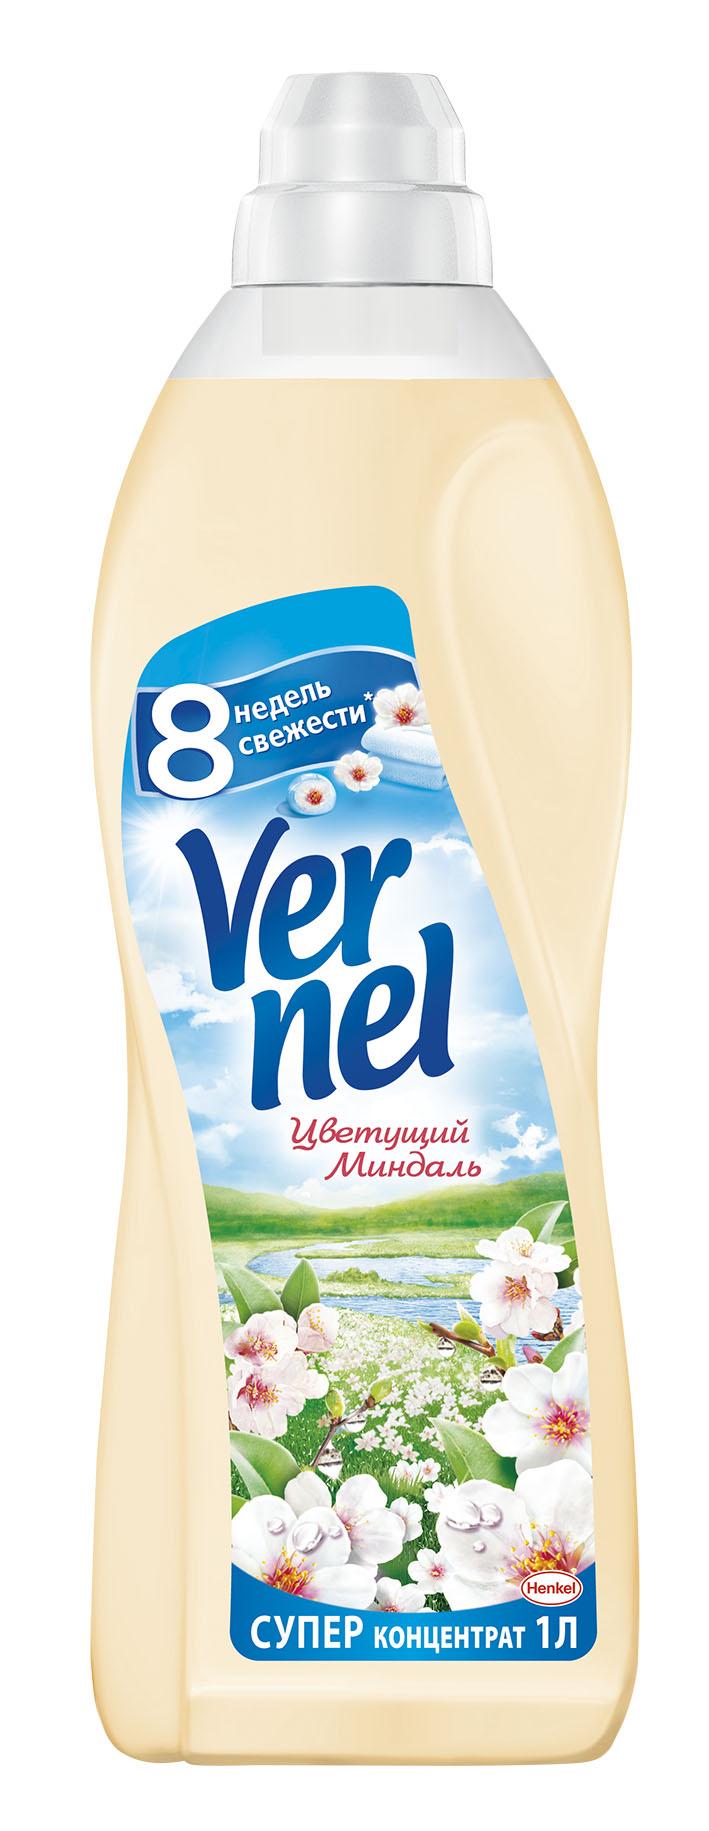 Кондиционер для белья Vernel Цветущий Миндаль 1 лK100С новой Классической линейкой Vernel свежесть белья длится до 8 недель (до 8 недель свежести при условии хранения белья без использования благодаря аромакапсулам). Новая формула Vernel обогащена аромакапсулами, которые обеспечивают длительную свежесть. Более того, кондиционеры для белья Vernel придают белью невероятную мягкость, такую же приятную, как и ее запах.Свойства кондиционера для белья Vernel:1. Придает мягкость2. Придает приятный аромат3. Обладает антистатическим эффектом4. Облегчает глажениеСостав: 5-15% катионные ПАВ; Товар сертифицирован.